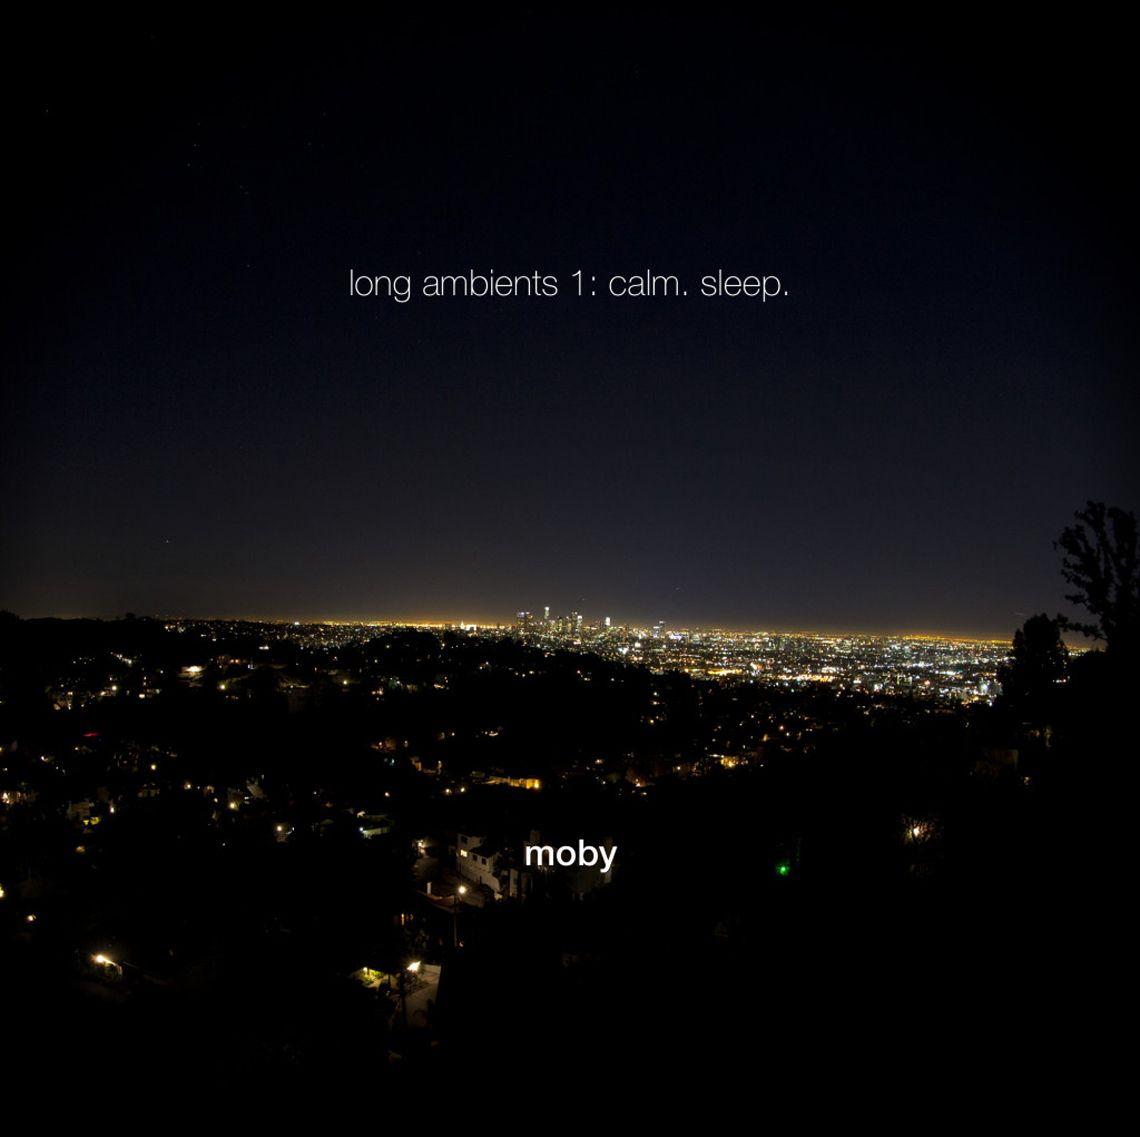 Musica ambient nel nuovo album di Moby